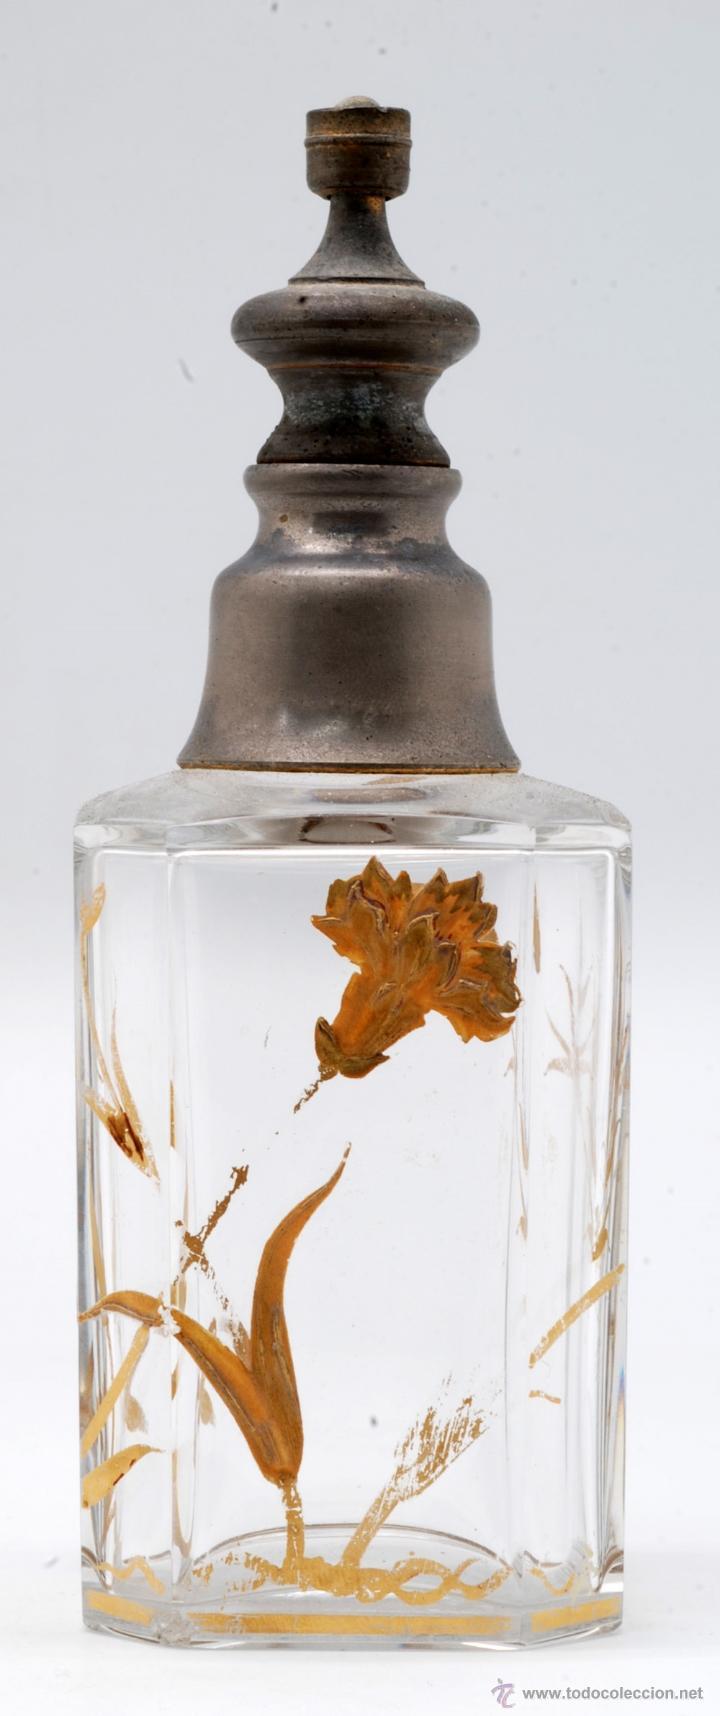 Antigüedades: Juego tocador frascos cristal Bohemia con decoraciones flores doradas al fuego Art Nouveau - Foto 16 - 42936583